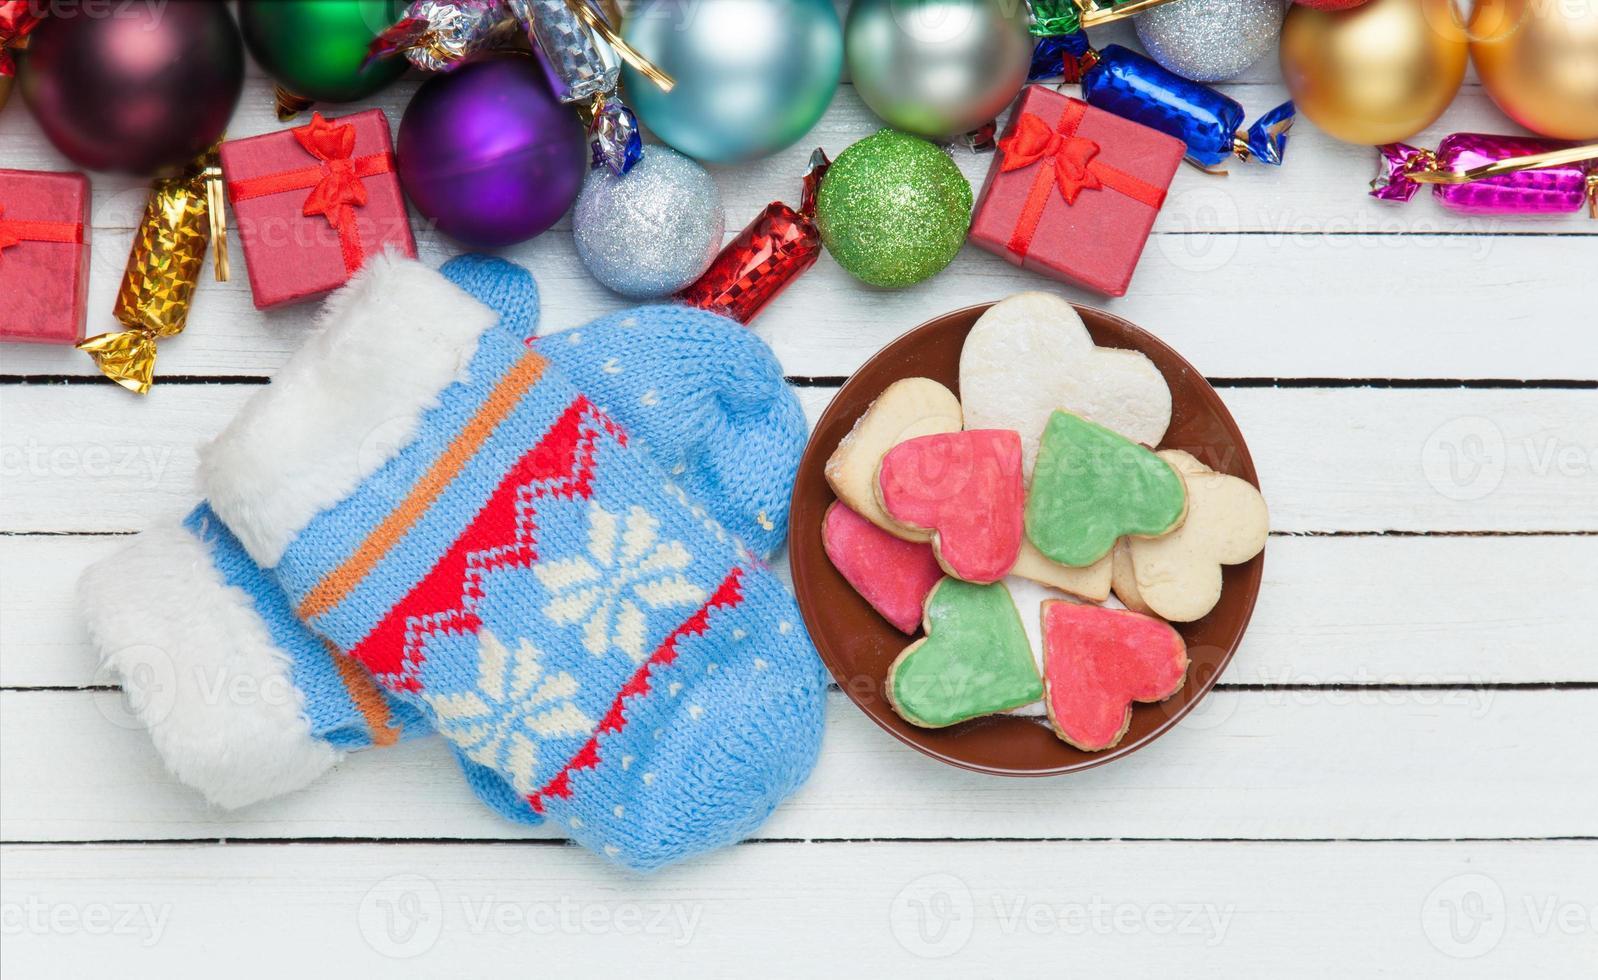 mitaines et cadeaux de Noël. photo